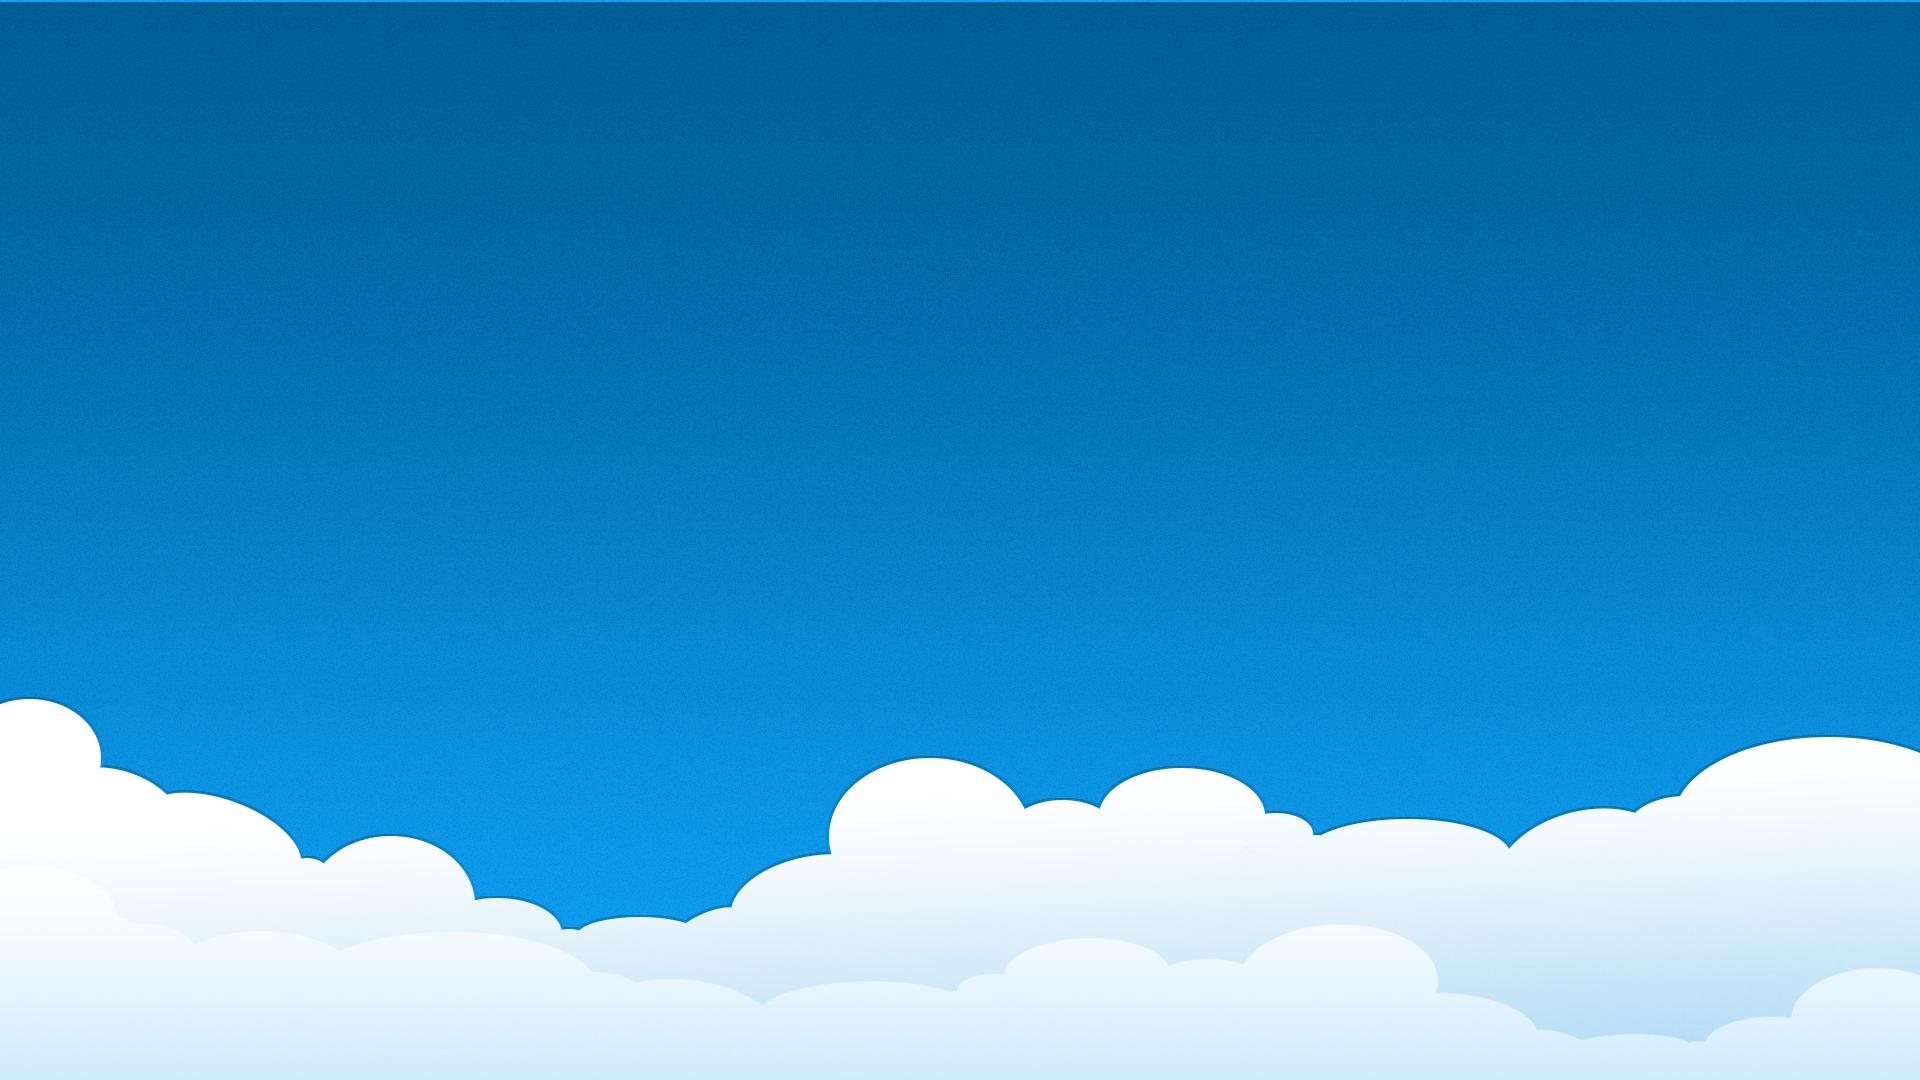 cloud wallpaper clip art - photo #15